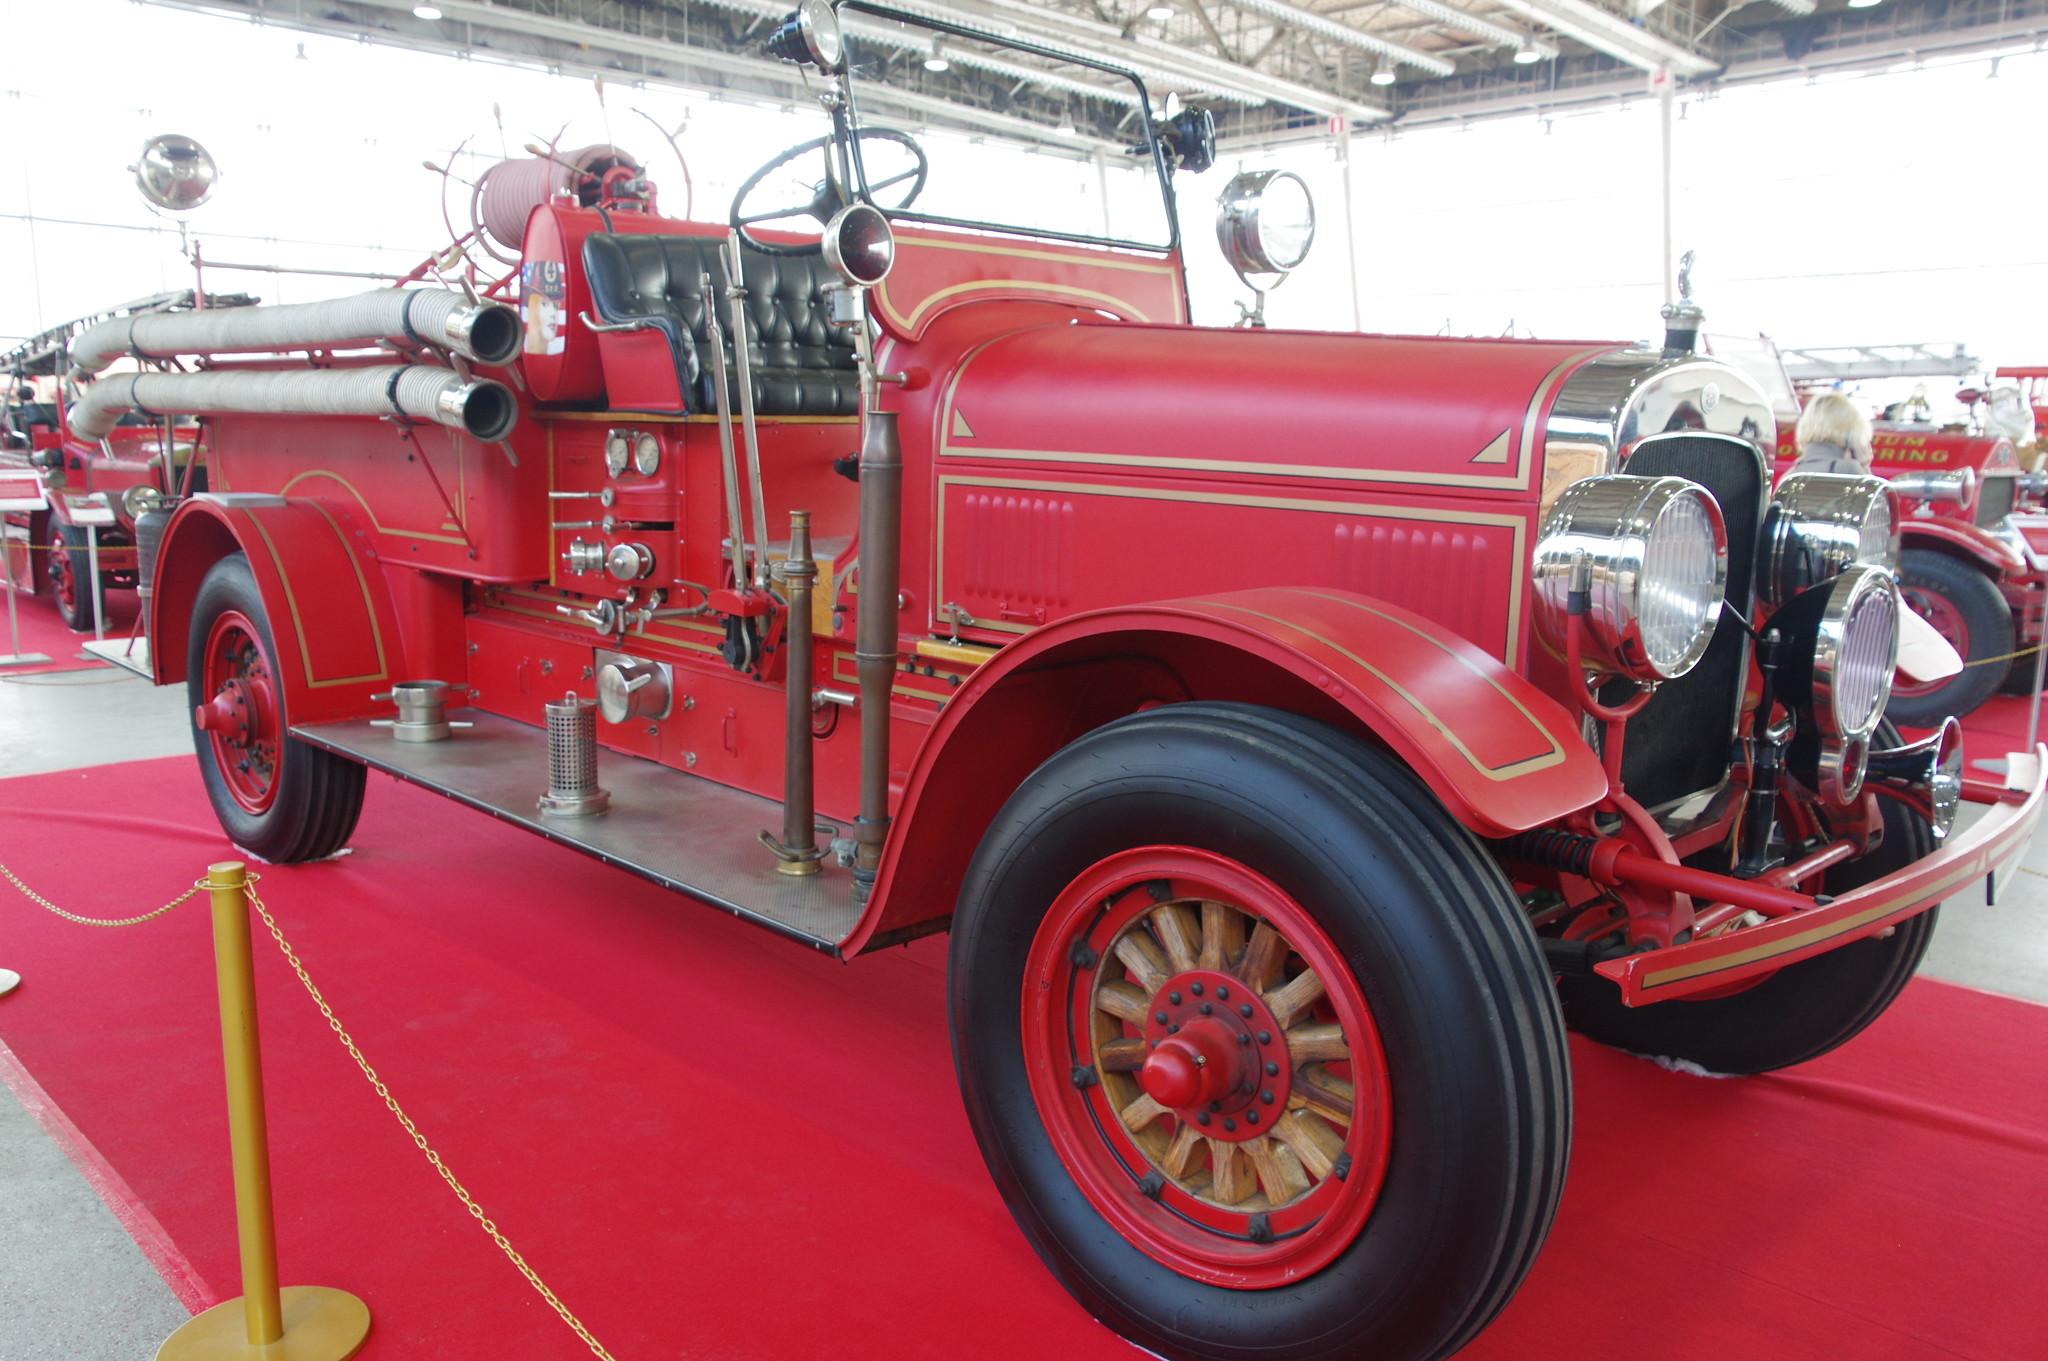 Пожарный автомобиль Seagrave Model 6 WT Standart. 1929 г.